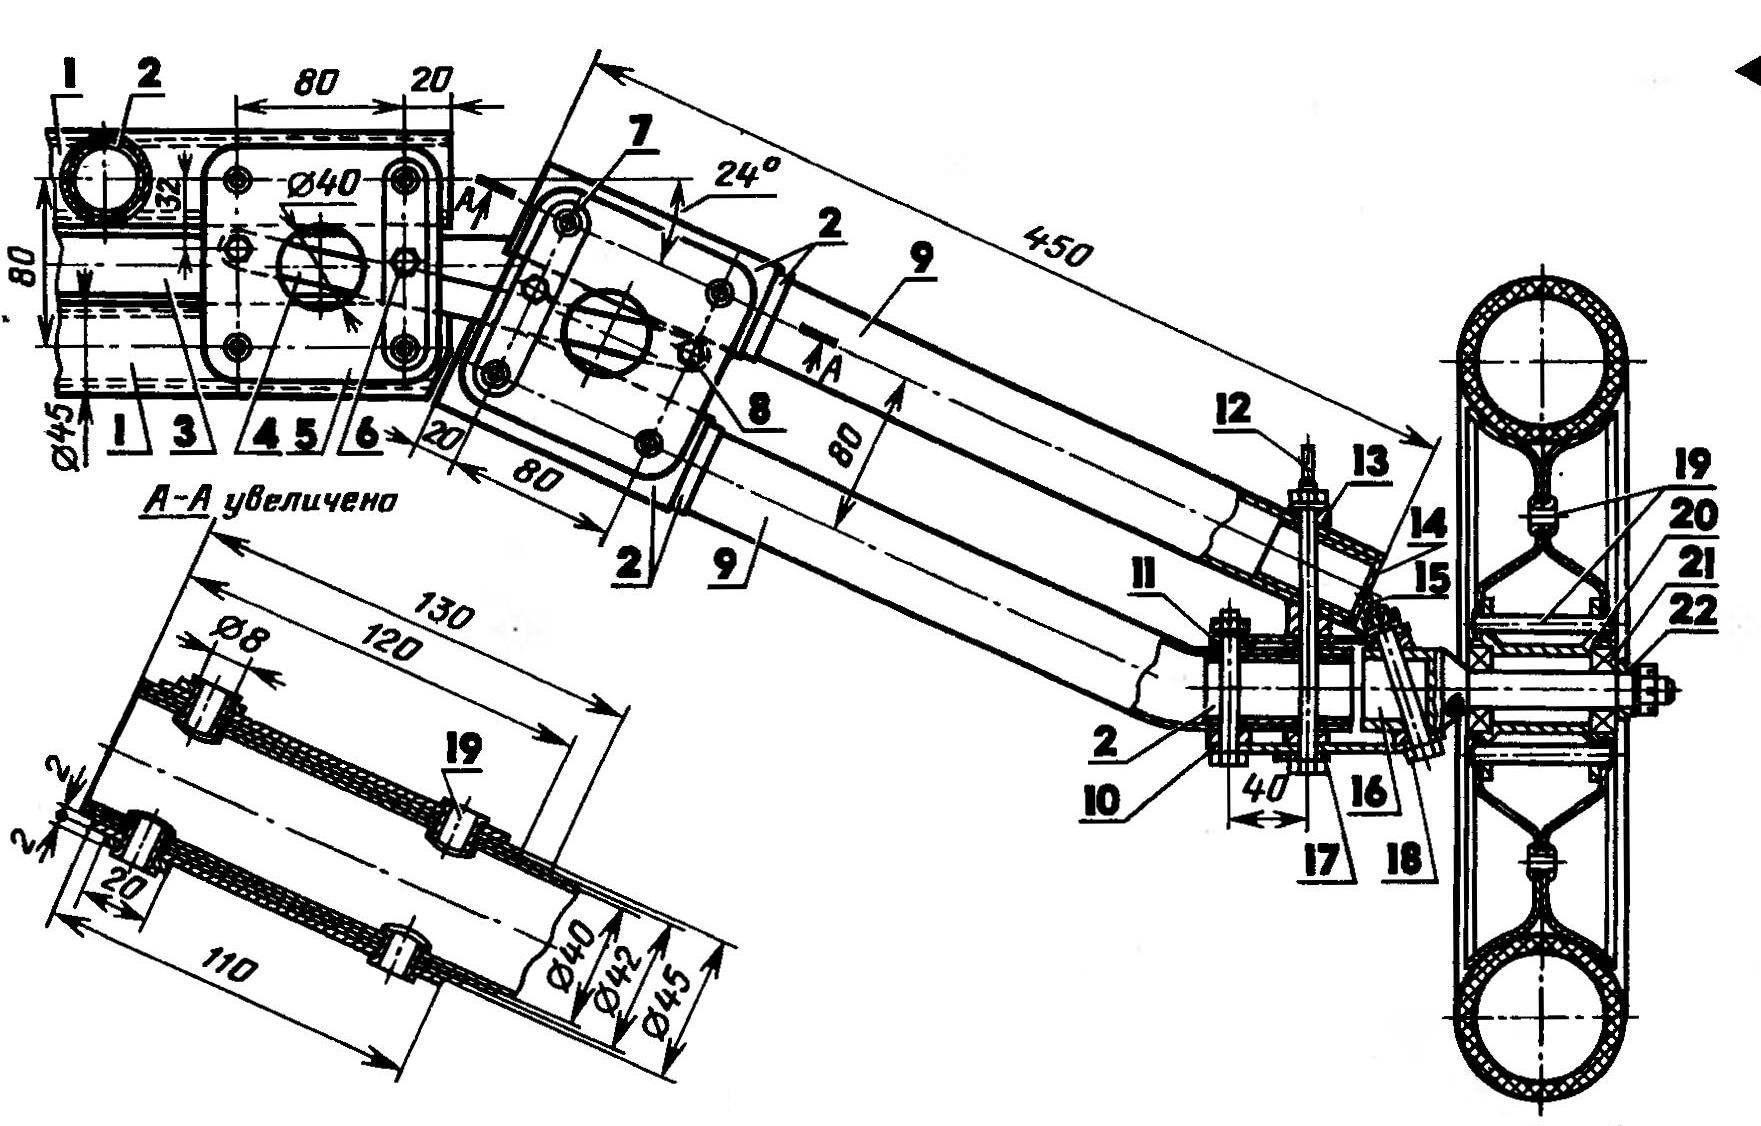 Подвеска переднего колеса (вид спереди; раскос и стойка пилона не показаны)